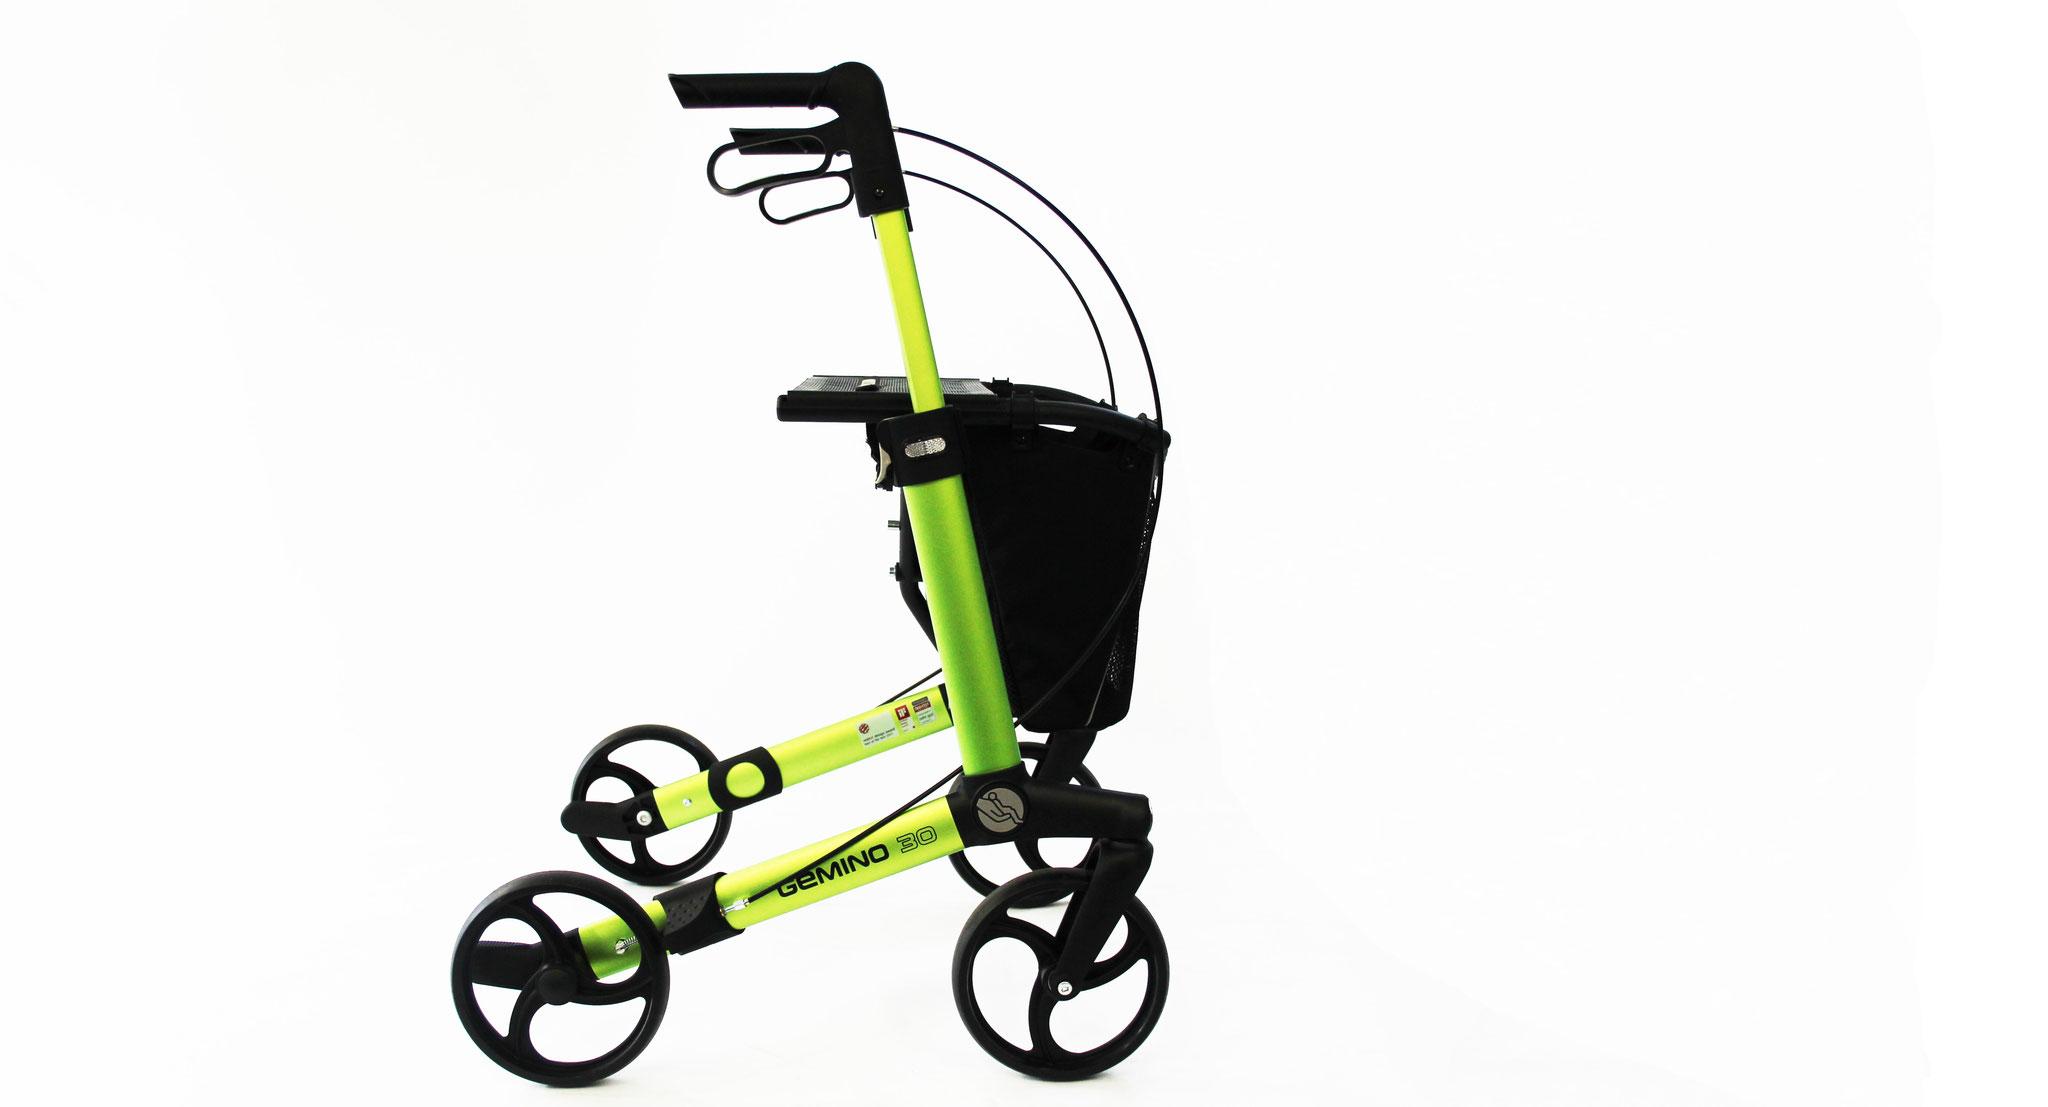 Rollator oder Leichtgewichtsrollator? Für den Innen-Wohnraum (Indoor) oder für Garten, Strand und mehr als Outdoor-Rollator? reha team Saggau zeigt Ihnen die beste Lösung!